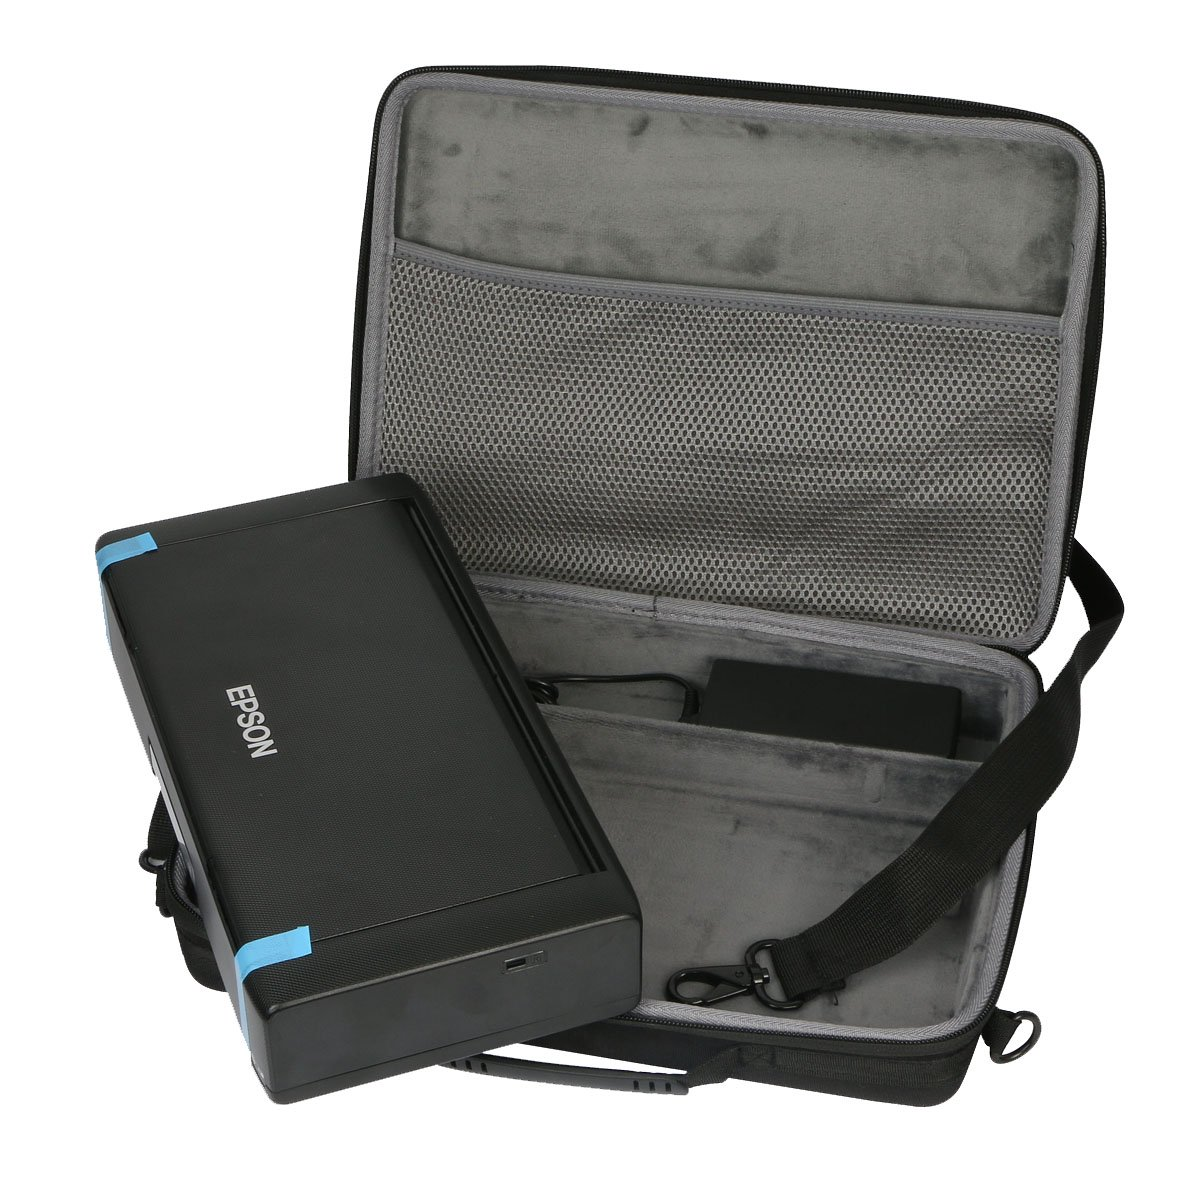 Custodia rigida per stampante a getto d'inchiostro Epson Workforce WF-100W con batteria integrata da co2CREA oz17526-30